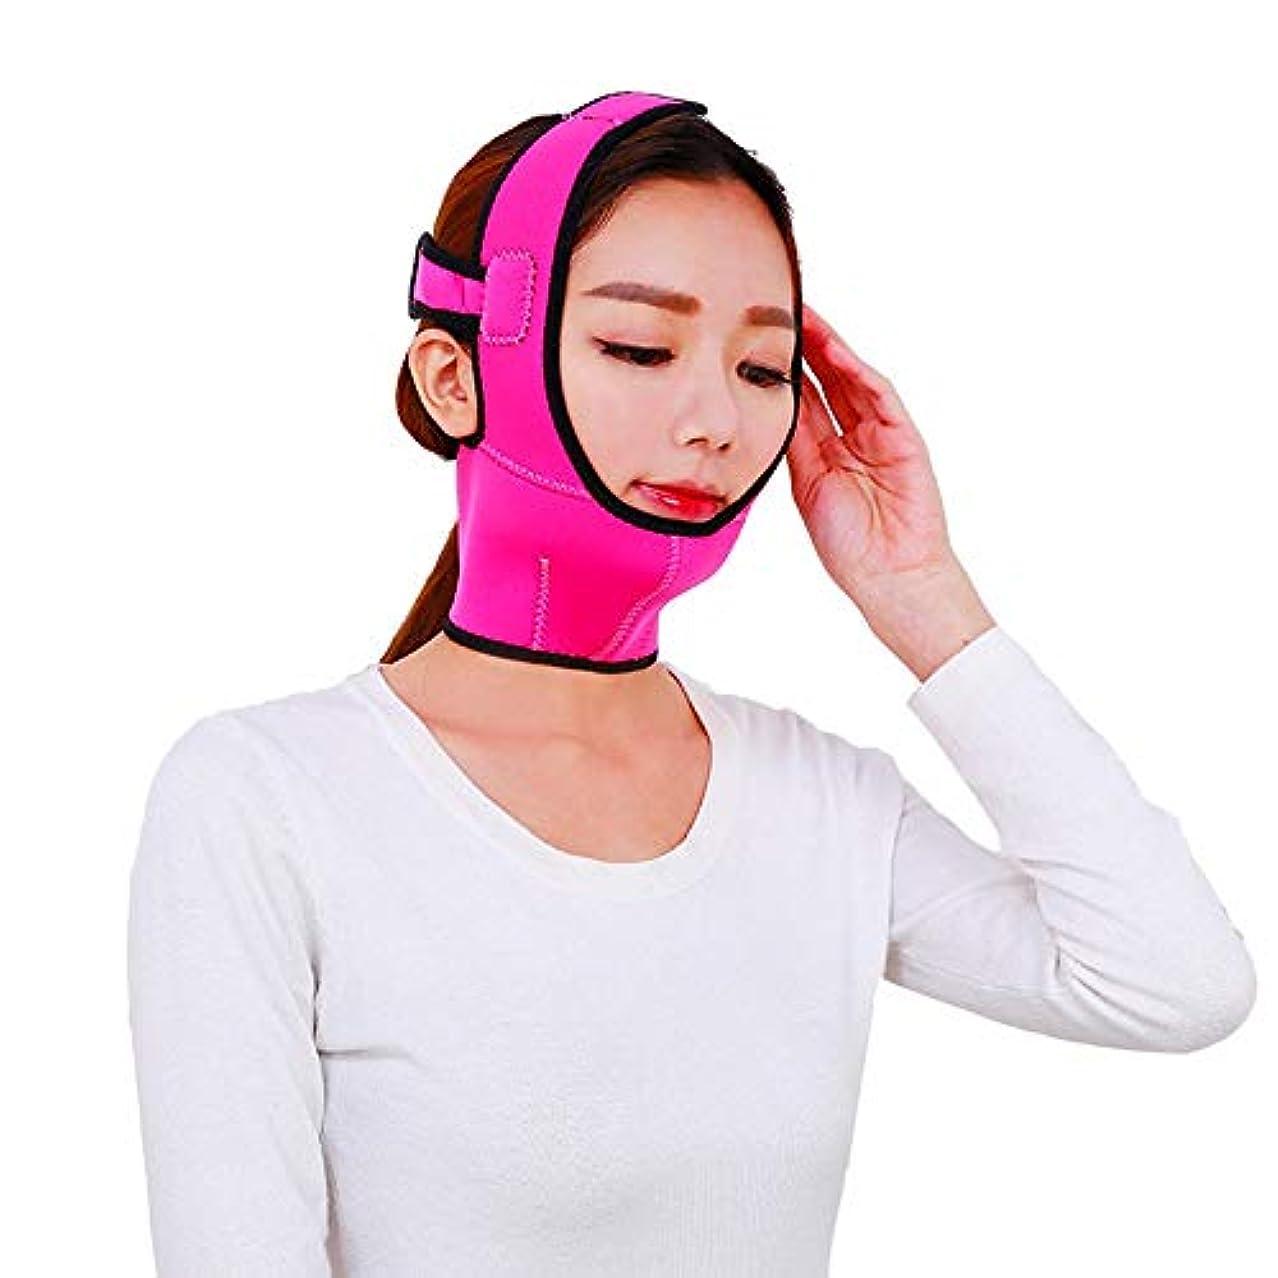 フェイスリフトベルト 顔を持ち上げるベルト通気性の顔面リフティング包帯ダブルチン顔面リフティングマスクを締めるV顔面顔面リフレッシングツール